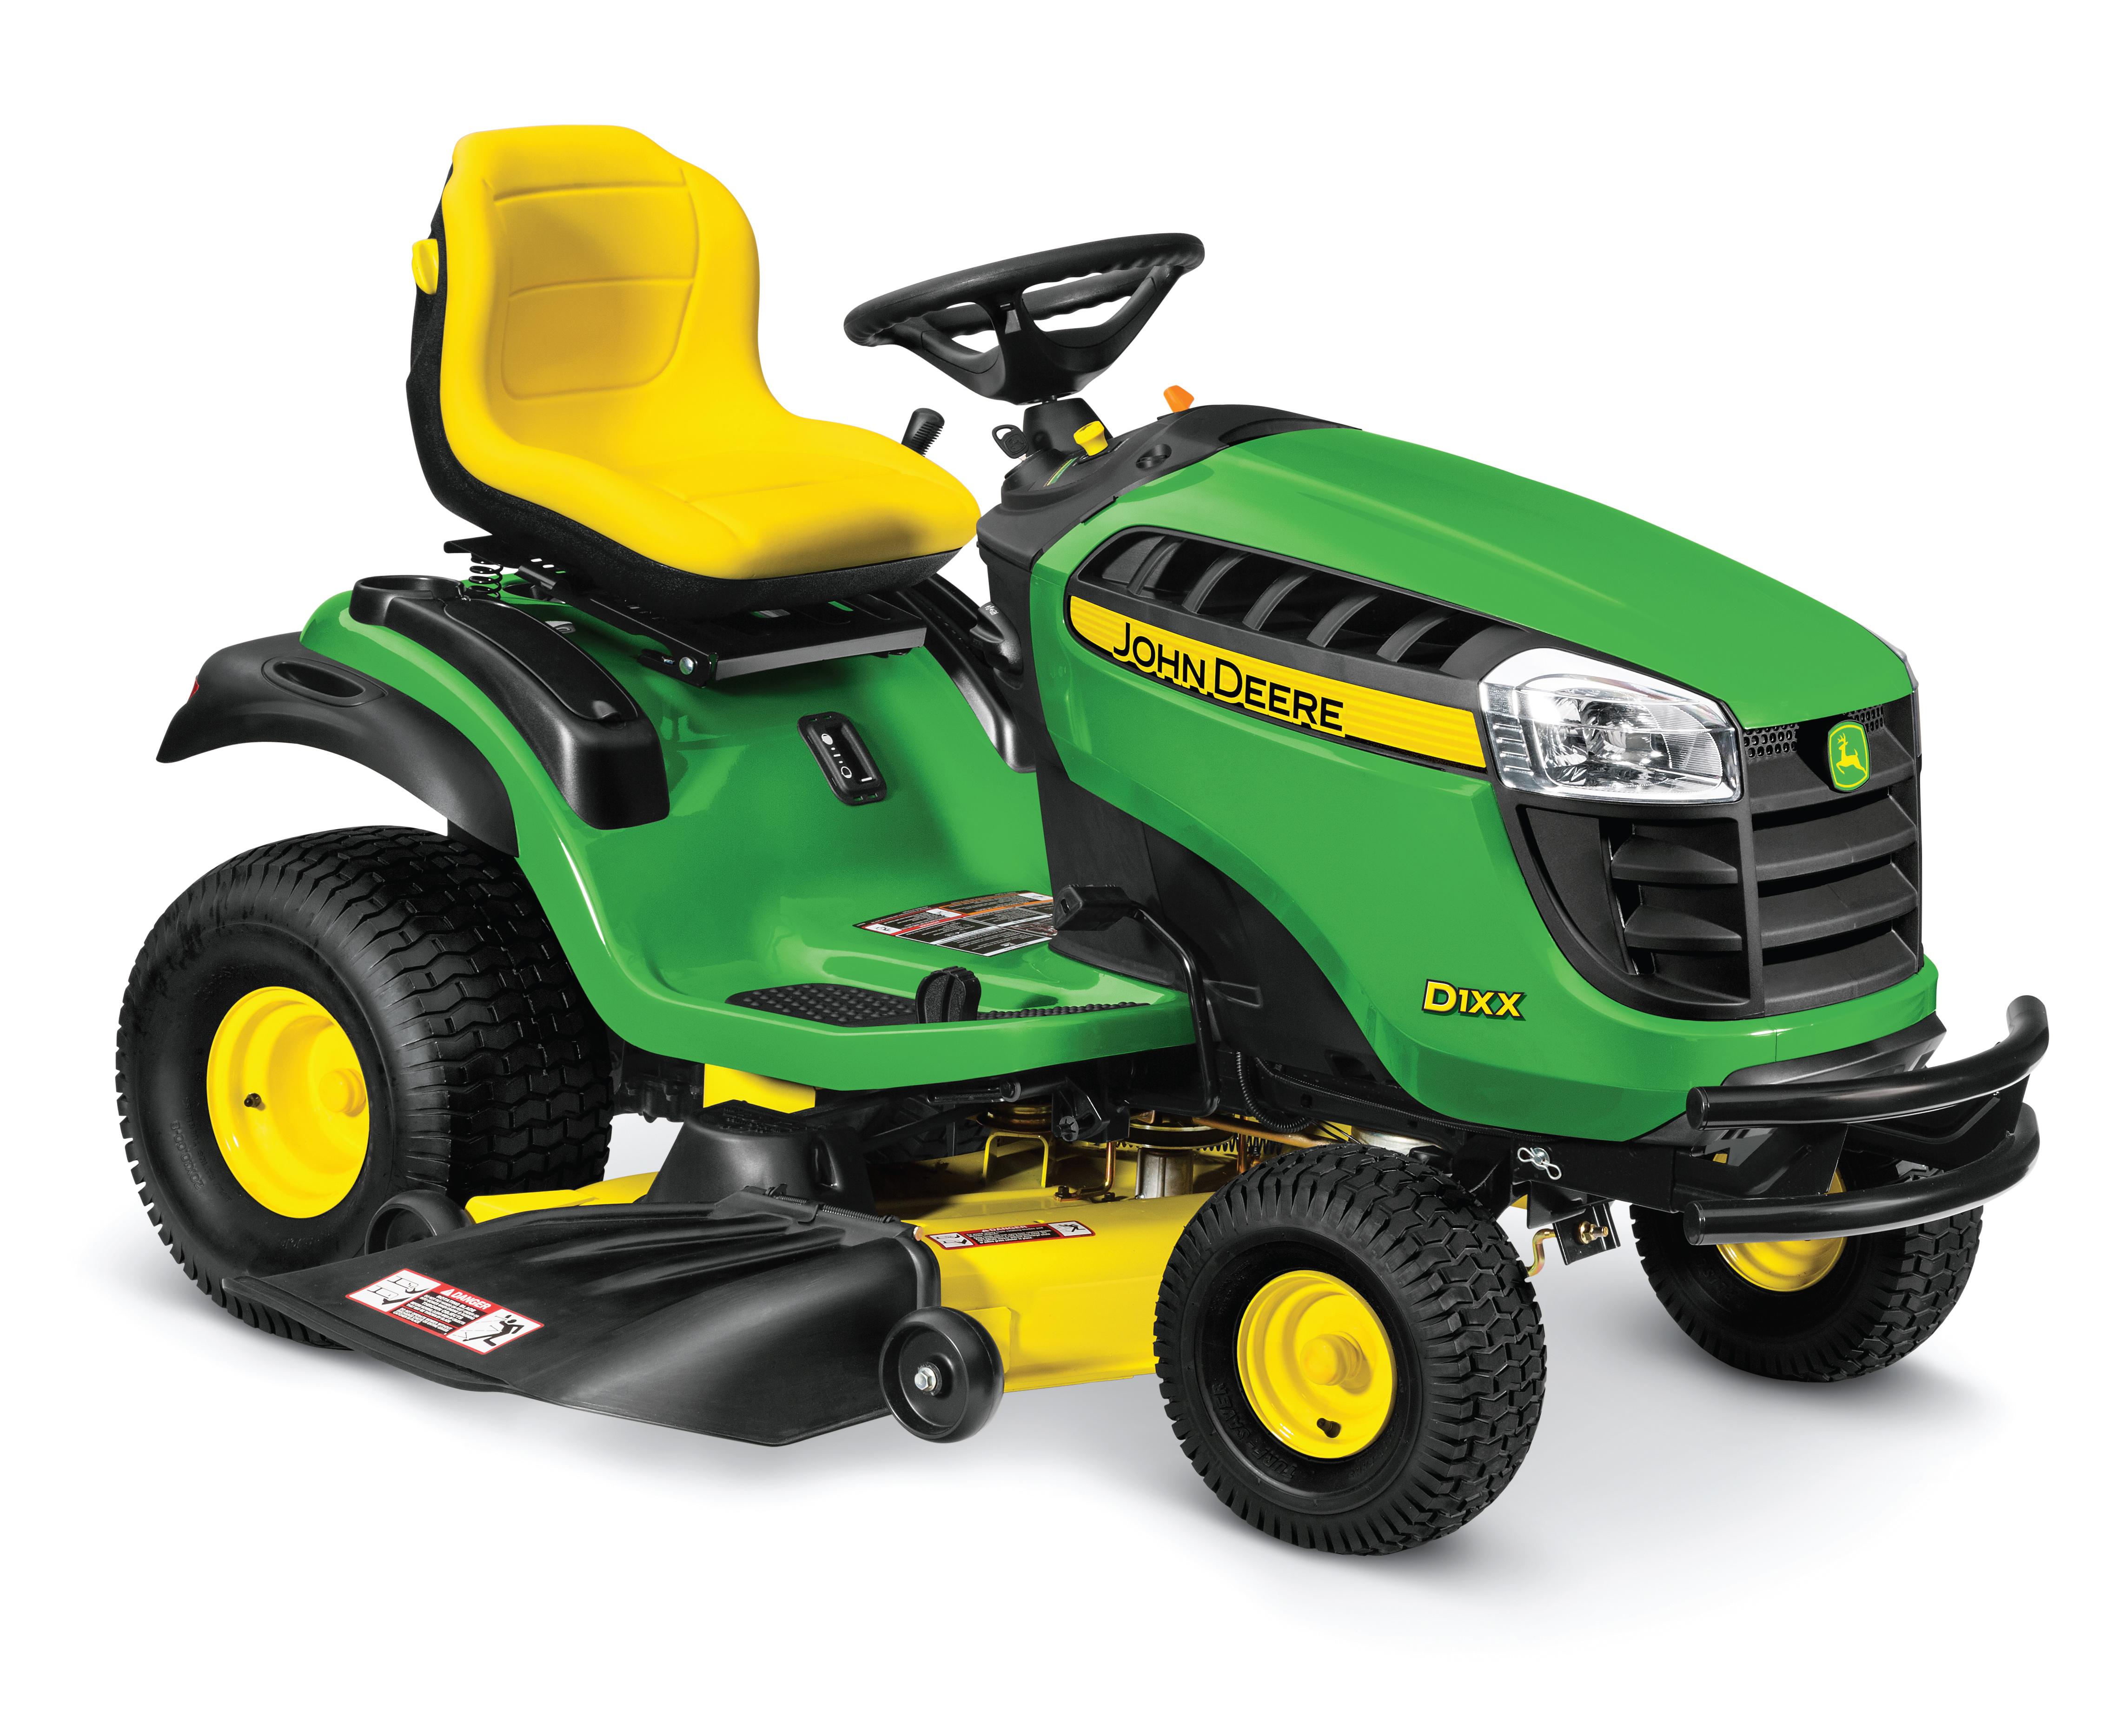 John Deere Recalls Riding Lawn Tractors Due to Crash ...